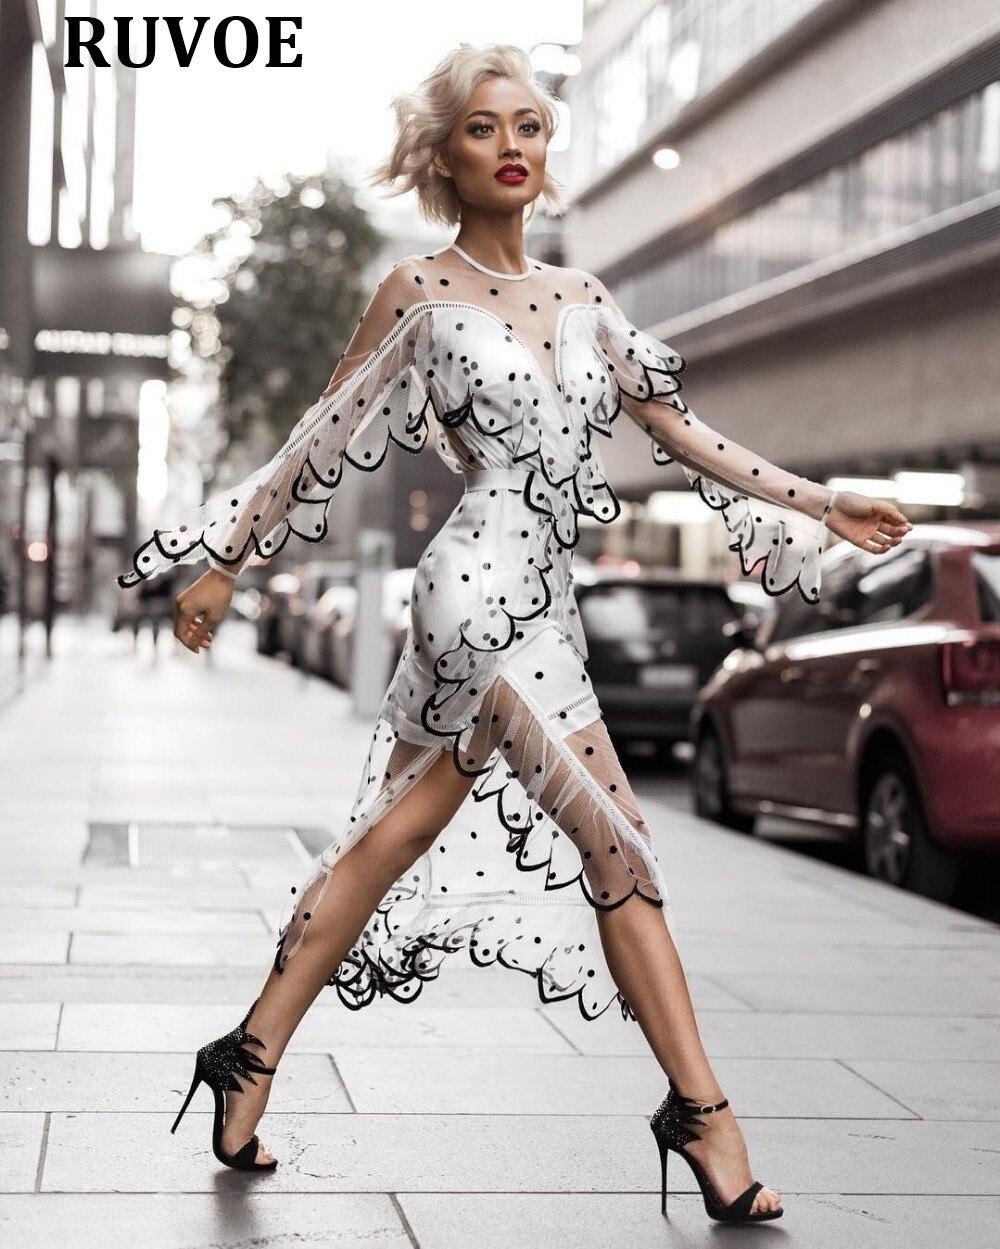 D'été Plage Noir Noir Blanc Dentelle À Floral Évider Plus Voir Robe Sexy blanc Bandage Travers Femmes La Taille dwqX1Eq